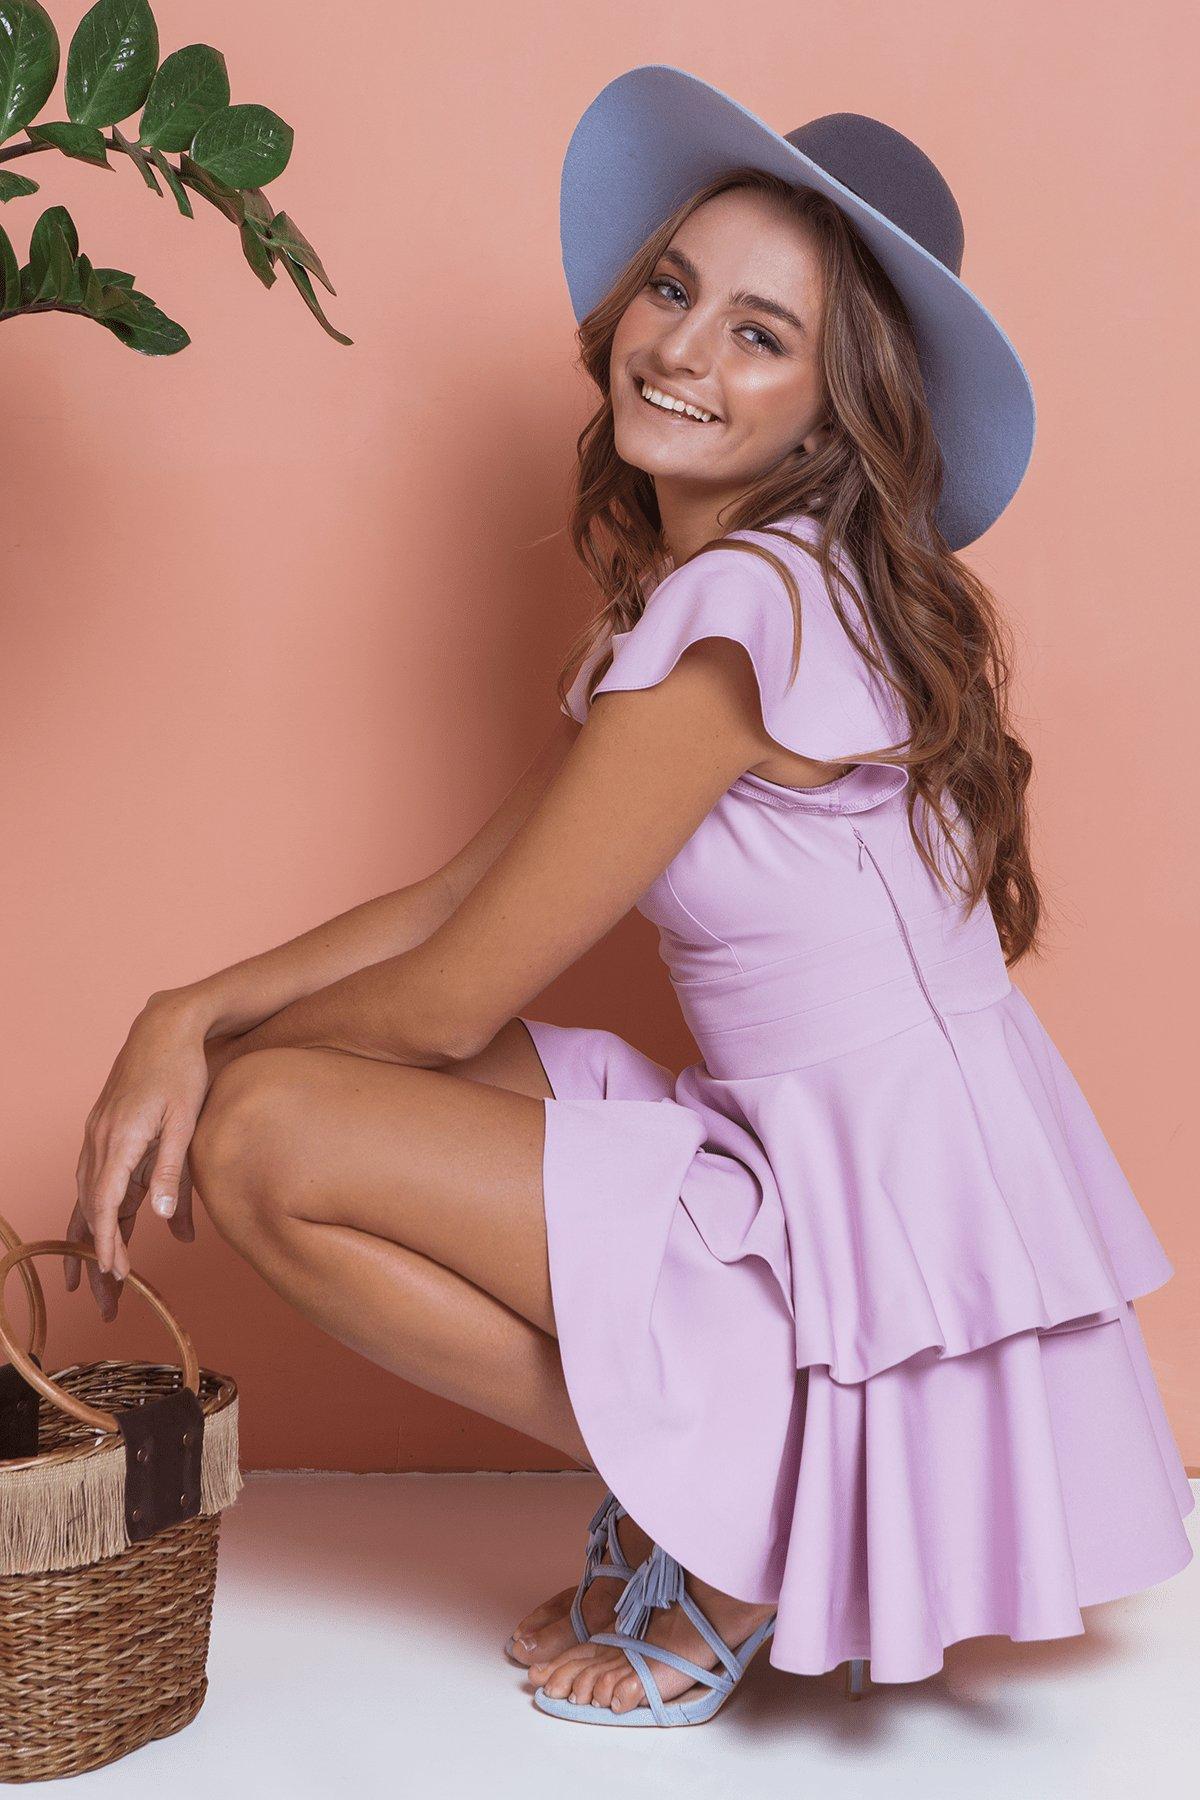 Платье Симур 6888 АРТ. 41987 Цвет: Пудра 3 - фото 7, интернет магазин tm-modus.ru